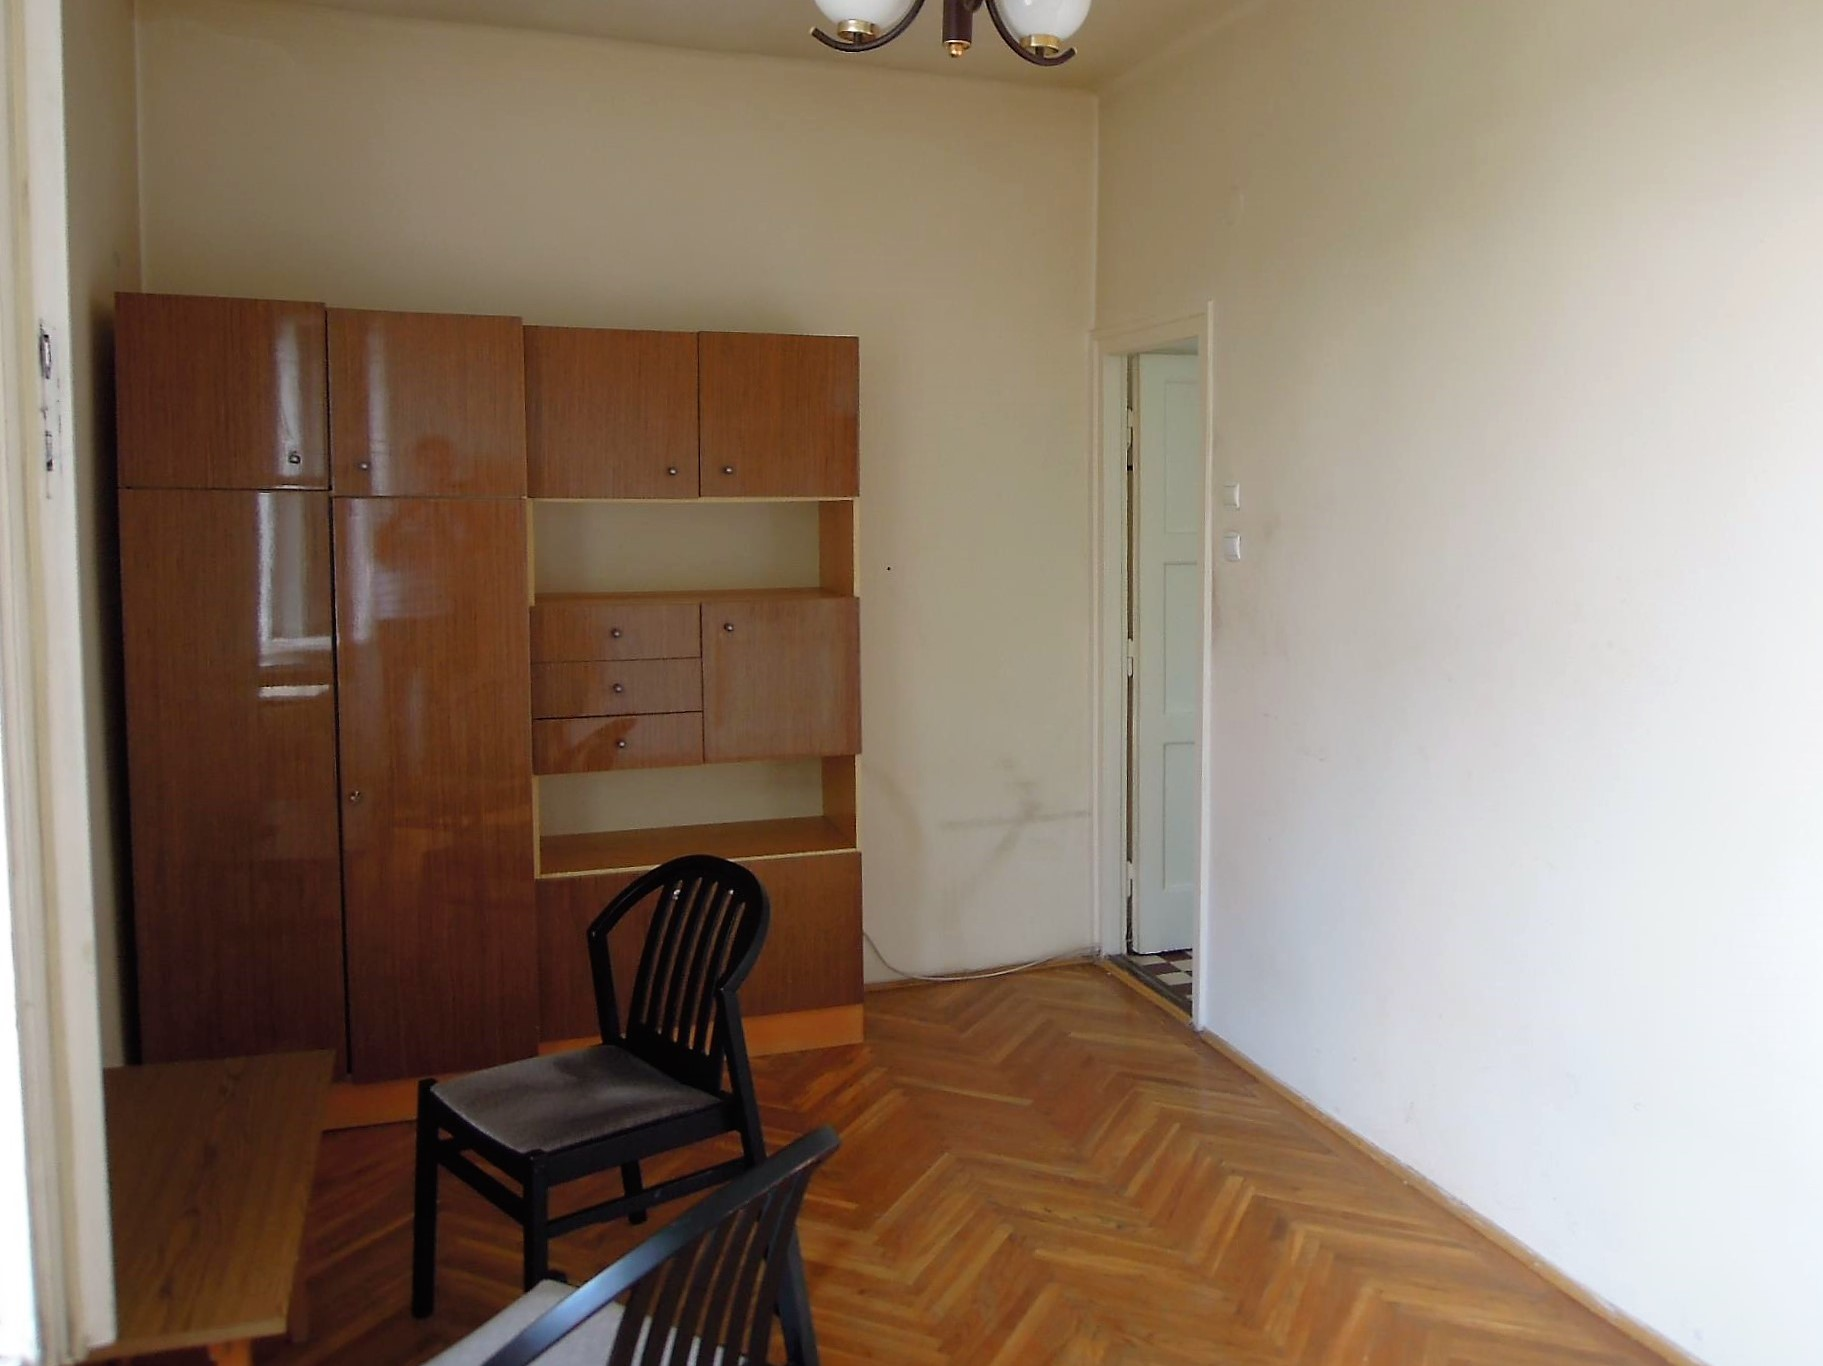 Eladó 52 négyzetméteres 2 szobás lakás Pesterzsébeten 12,9mft alacsonyjutalek.hu jutalék 1%